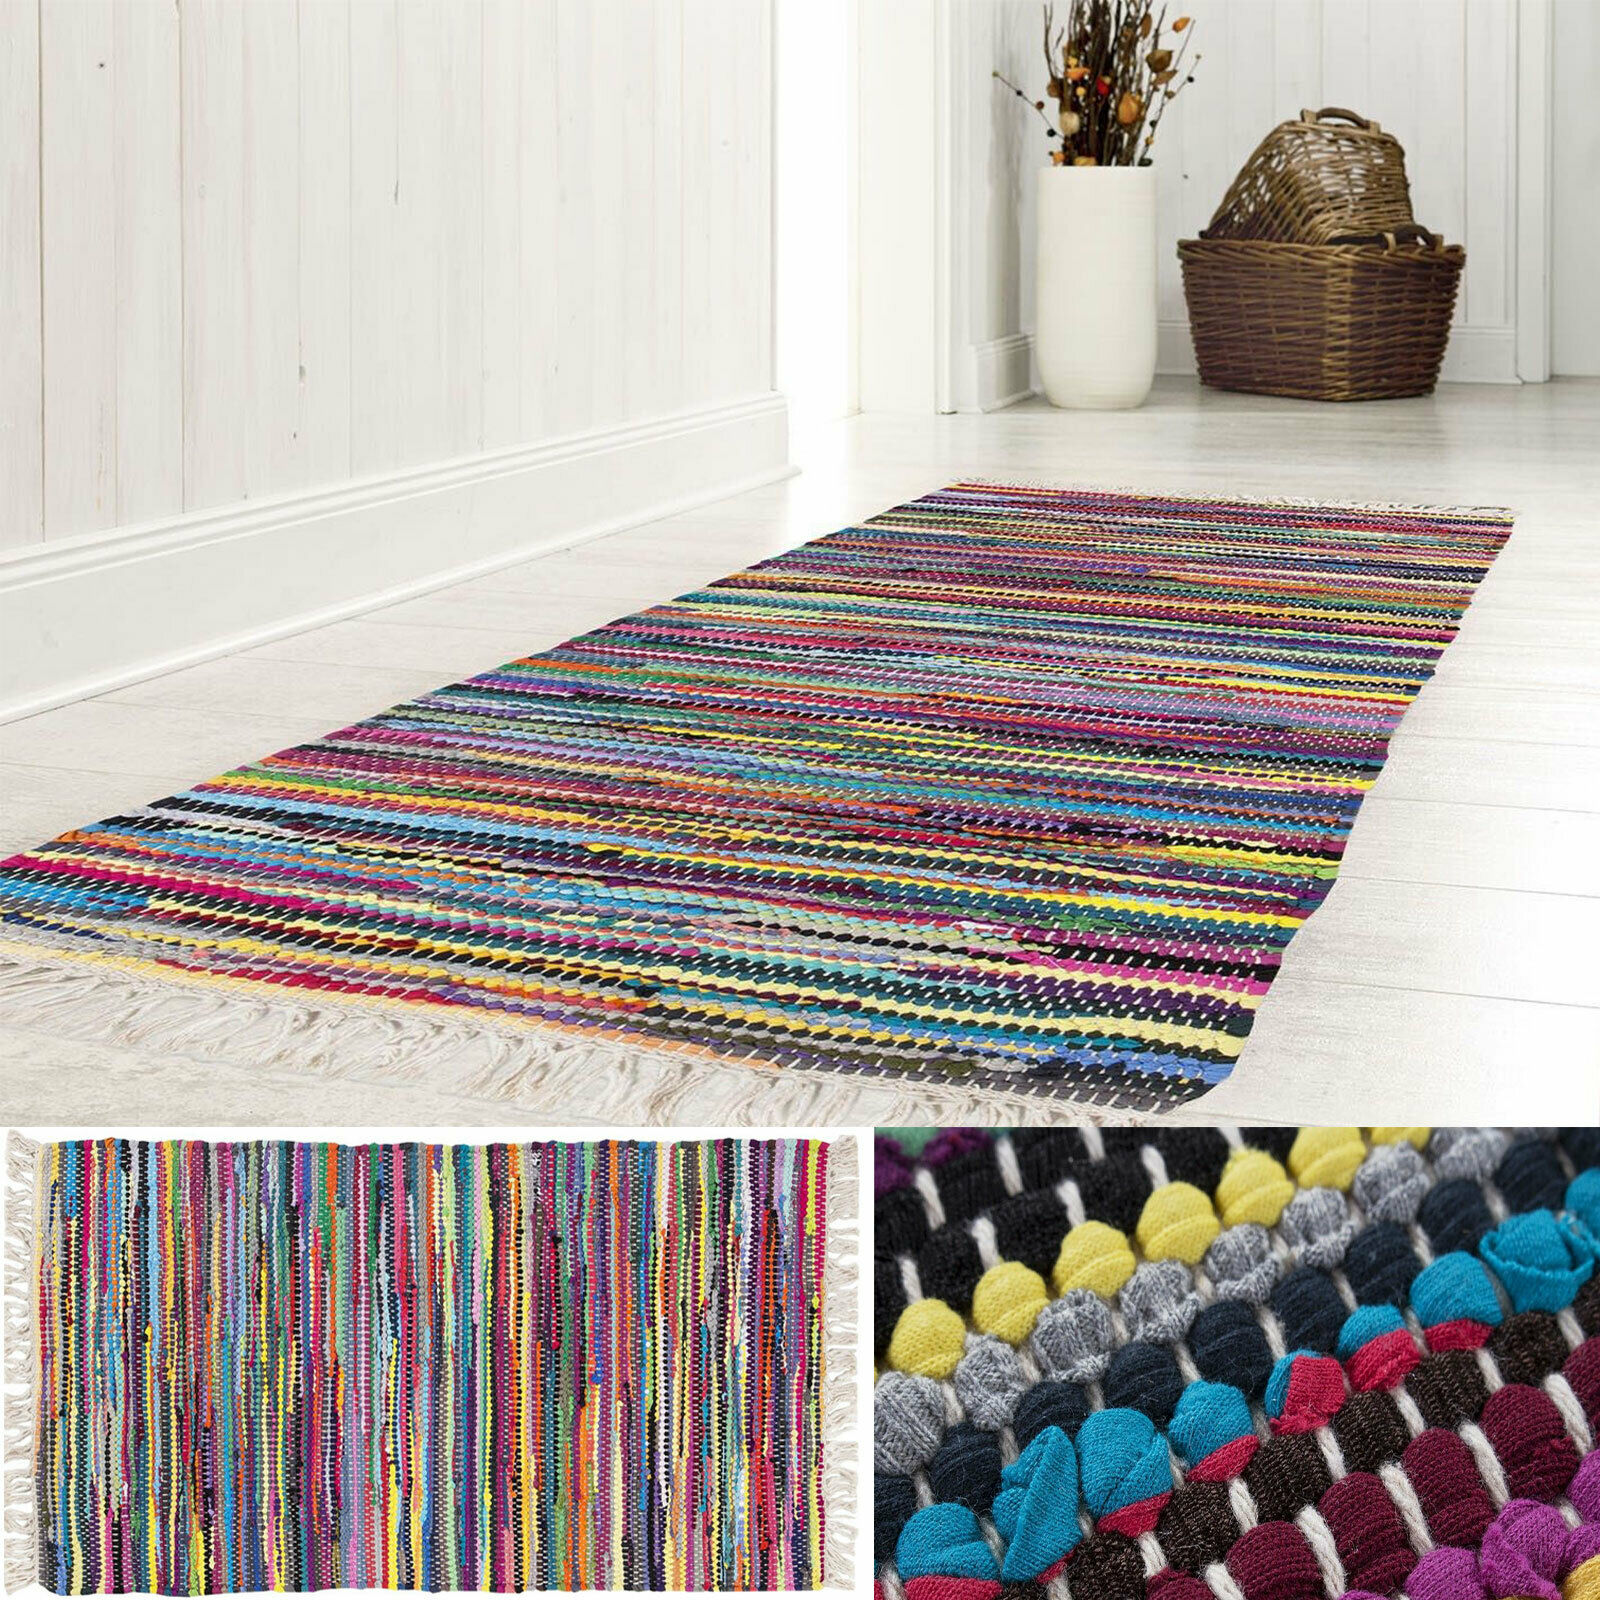 Flickenteppich Handwebteppich Fleckerl Teppich 100% Baumwolle Bunt Läufer Küche